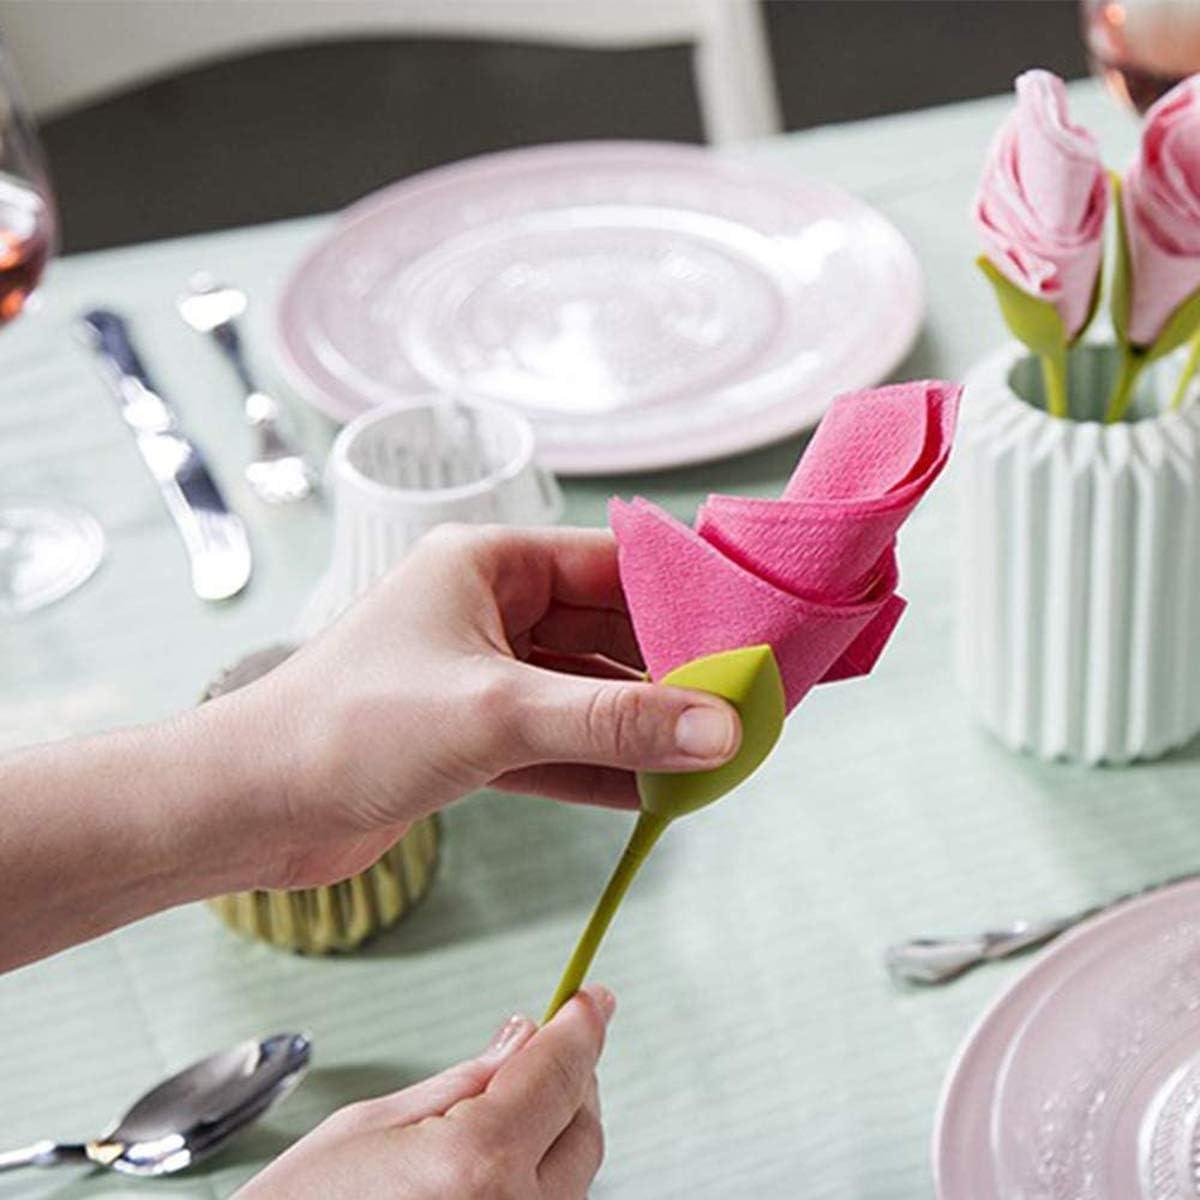 mengger 24Pcs Portatovaglioli Fiore Anello Floral Flower Napkin Holder plastica Verde Portatovaglioli a Forma per la Decorazione della Tavola Home Party Anelli di Tovagliolo